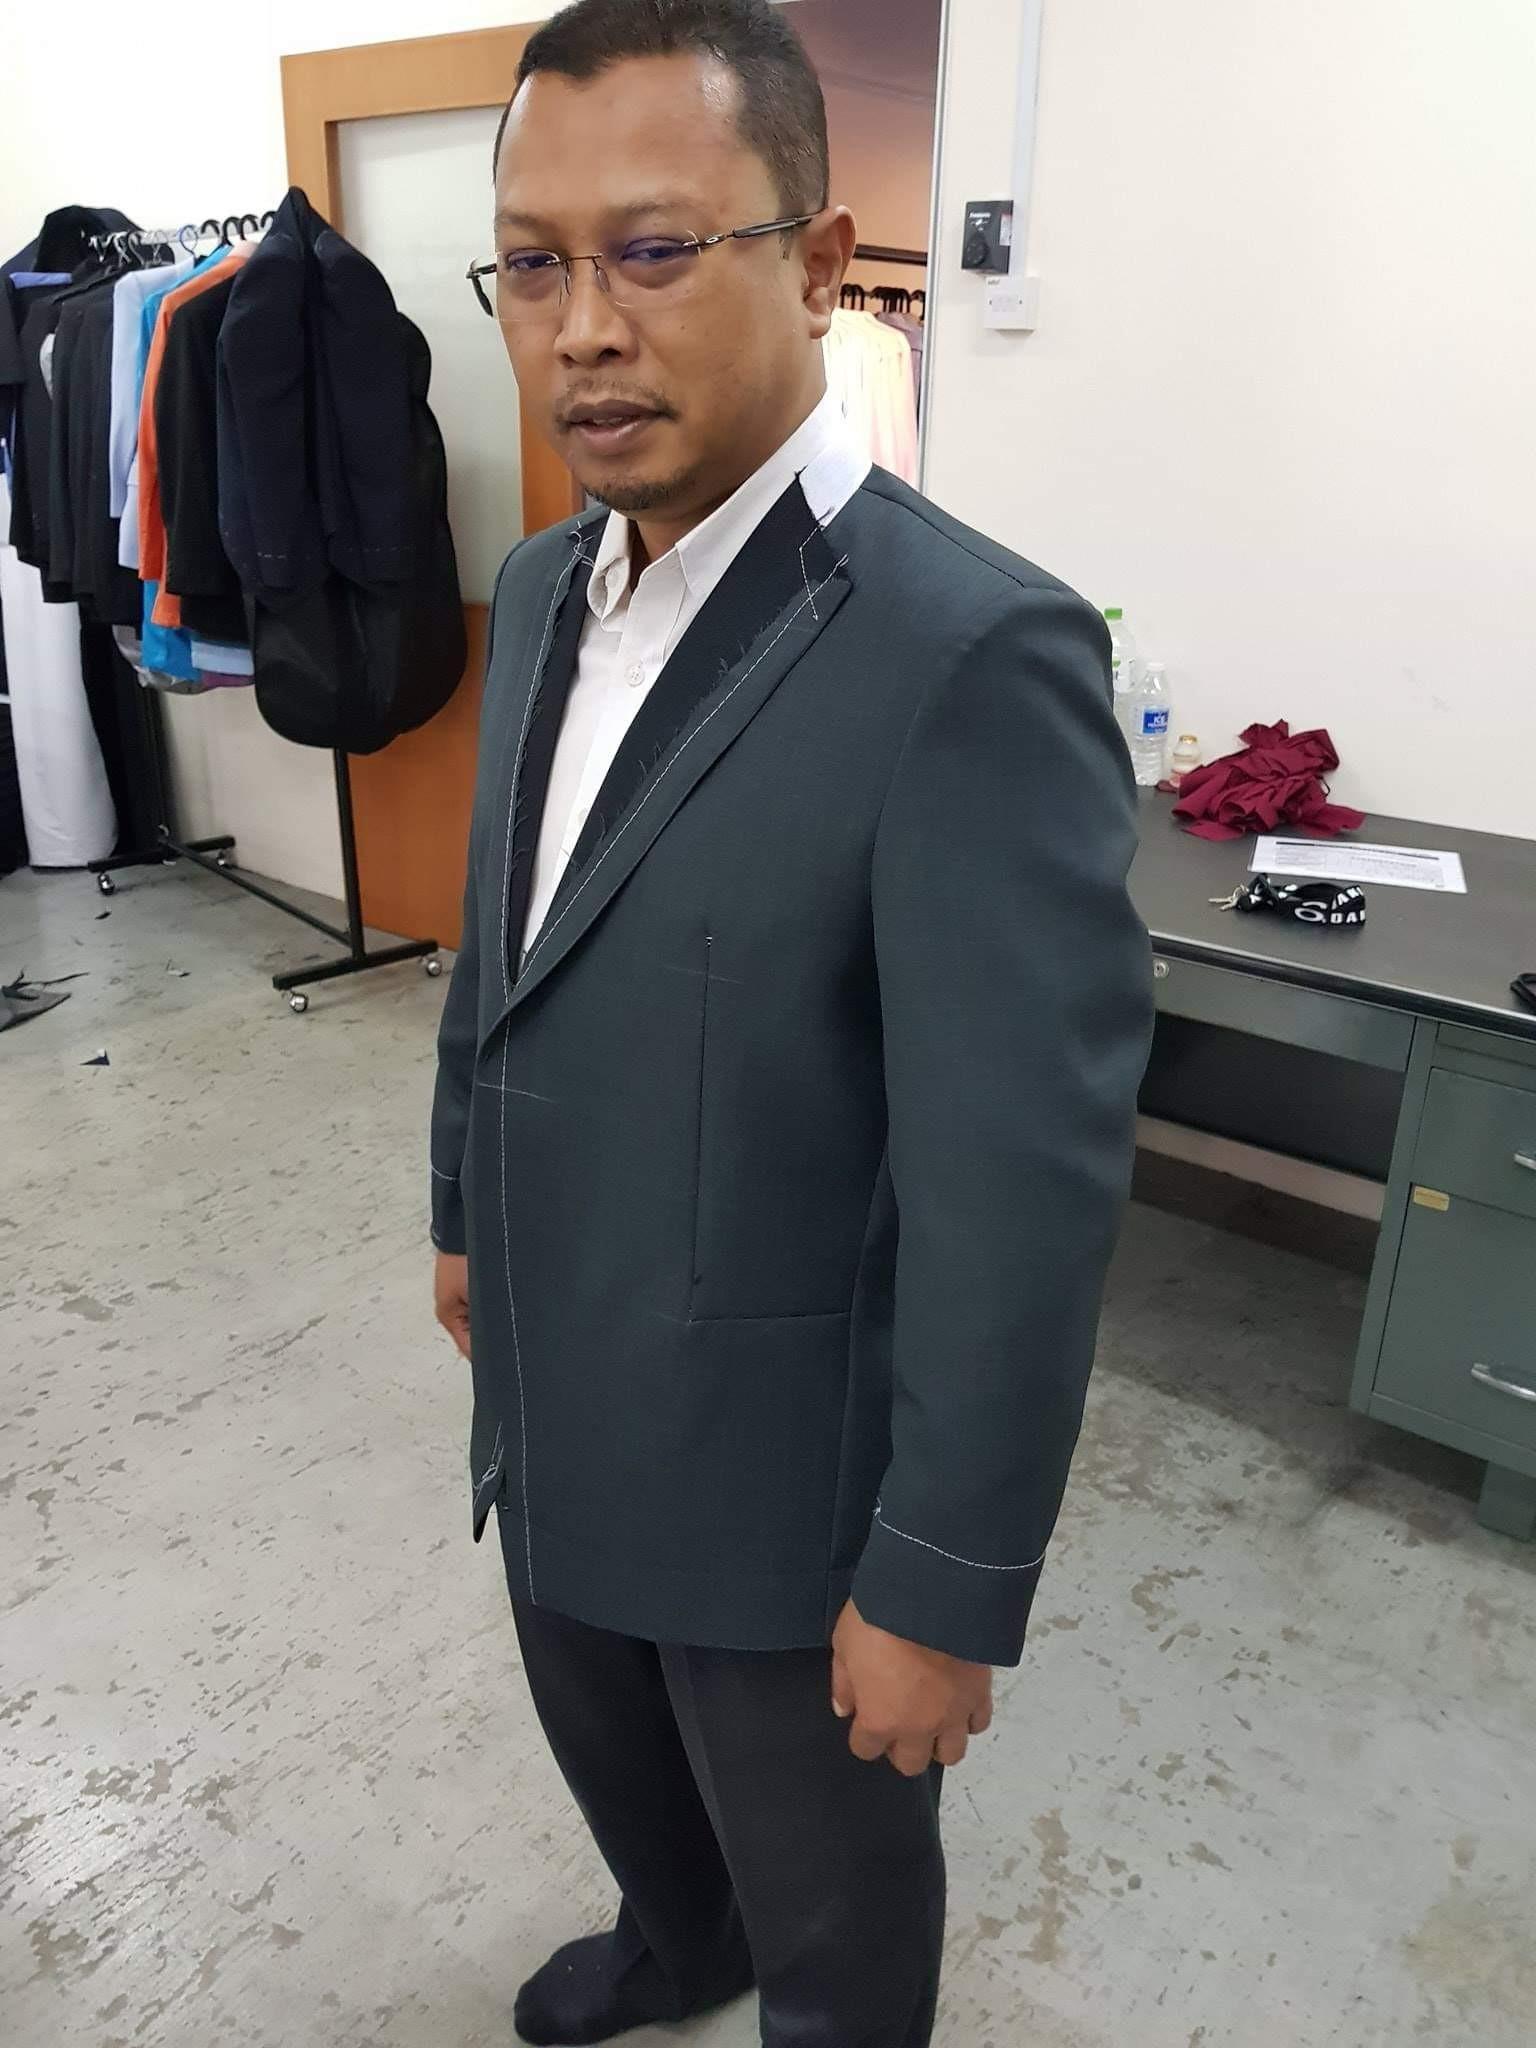 tempahan coat dan seluar sesi fitting